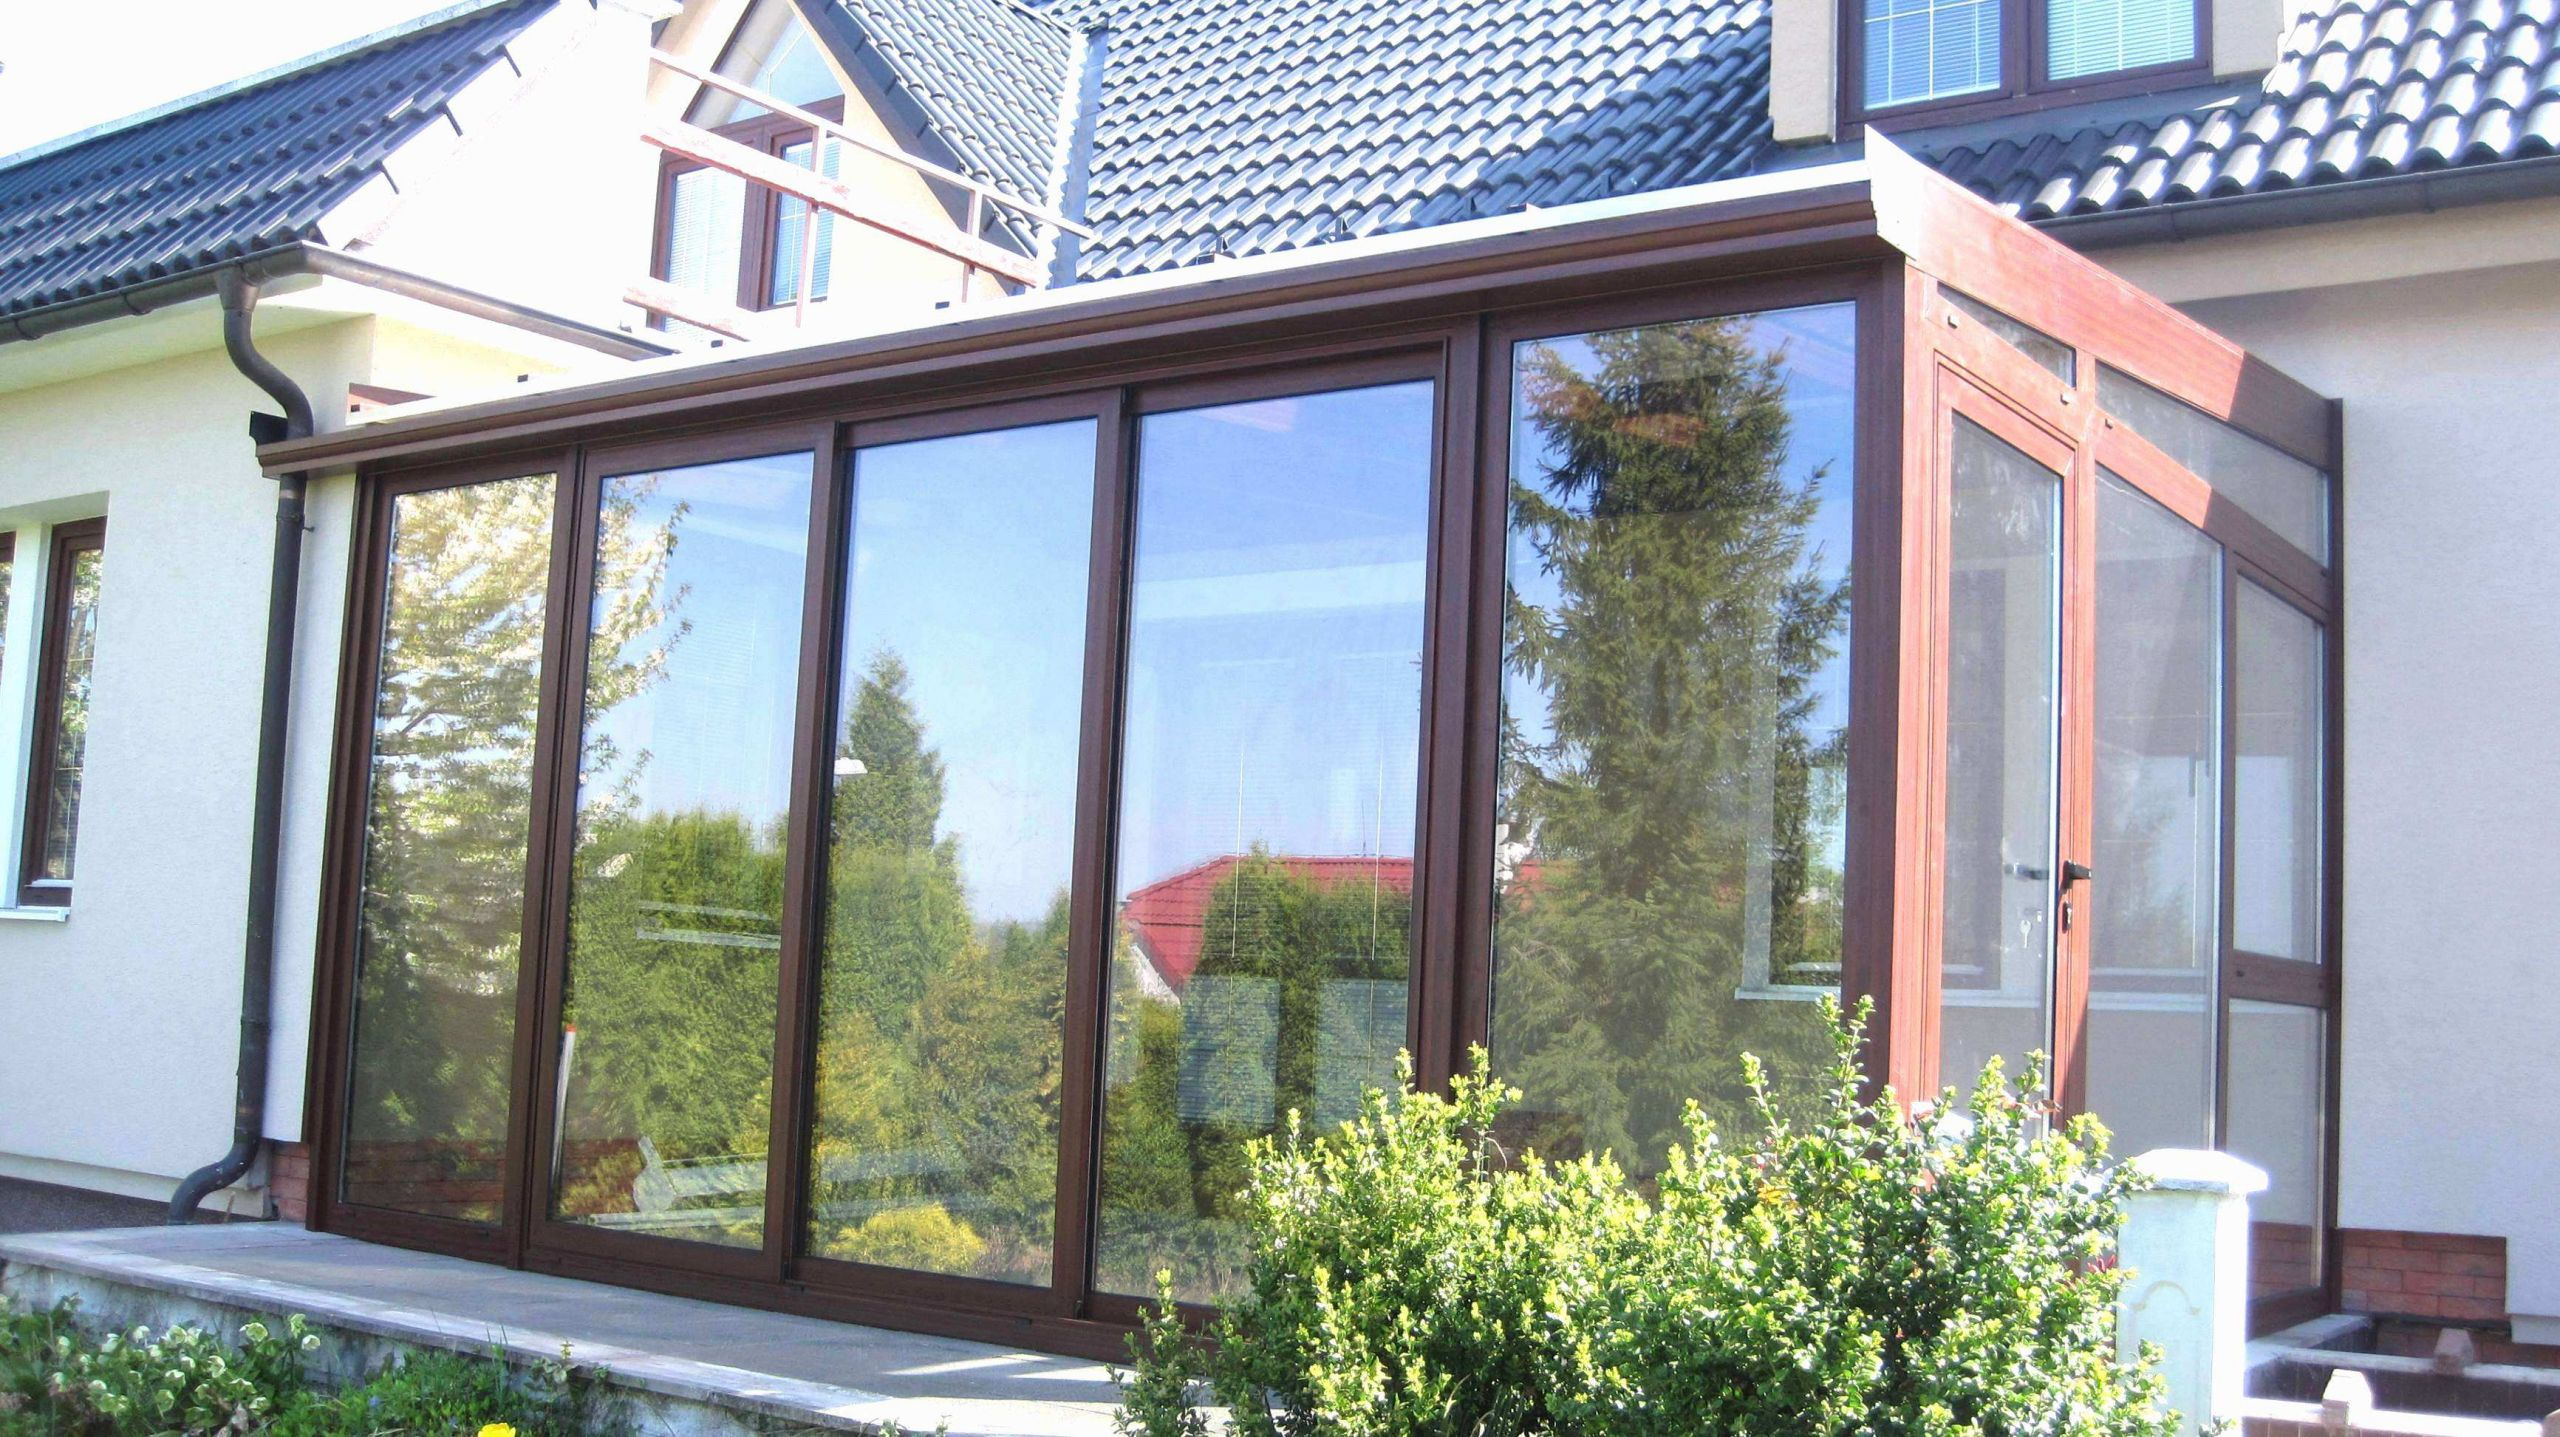 Garten Holz Deko Best Of Landhausstil Deko Holz Im Garten Schön Holz Wintergarten 0d